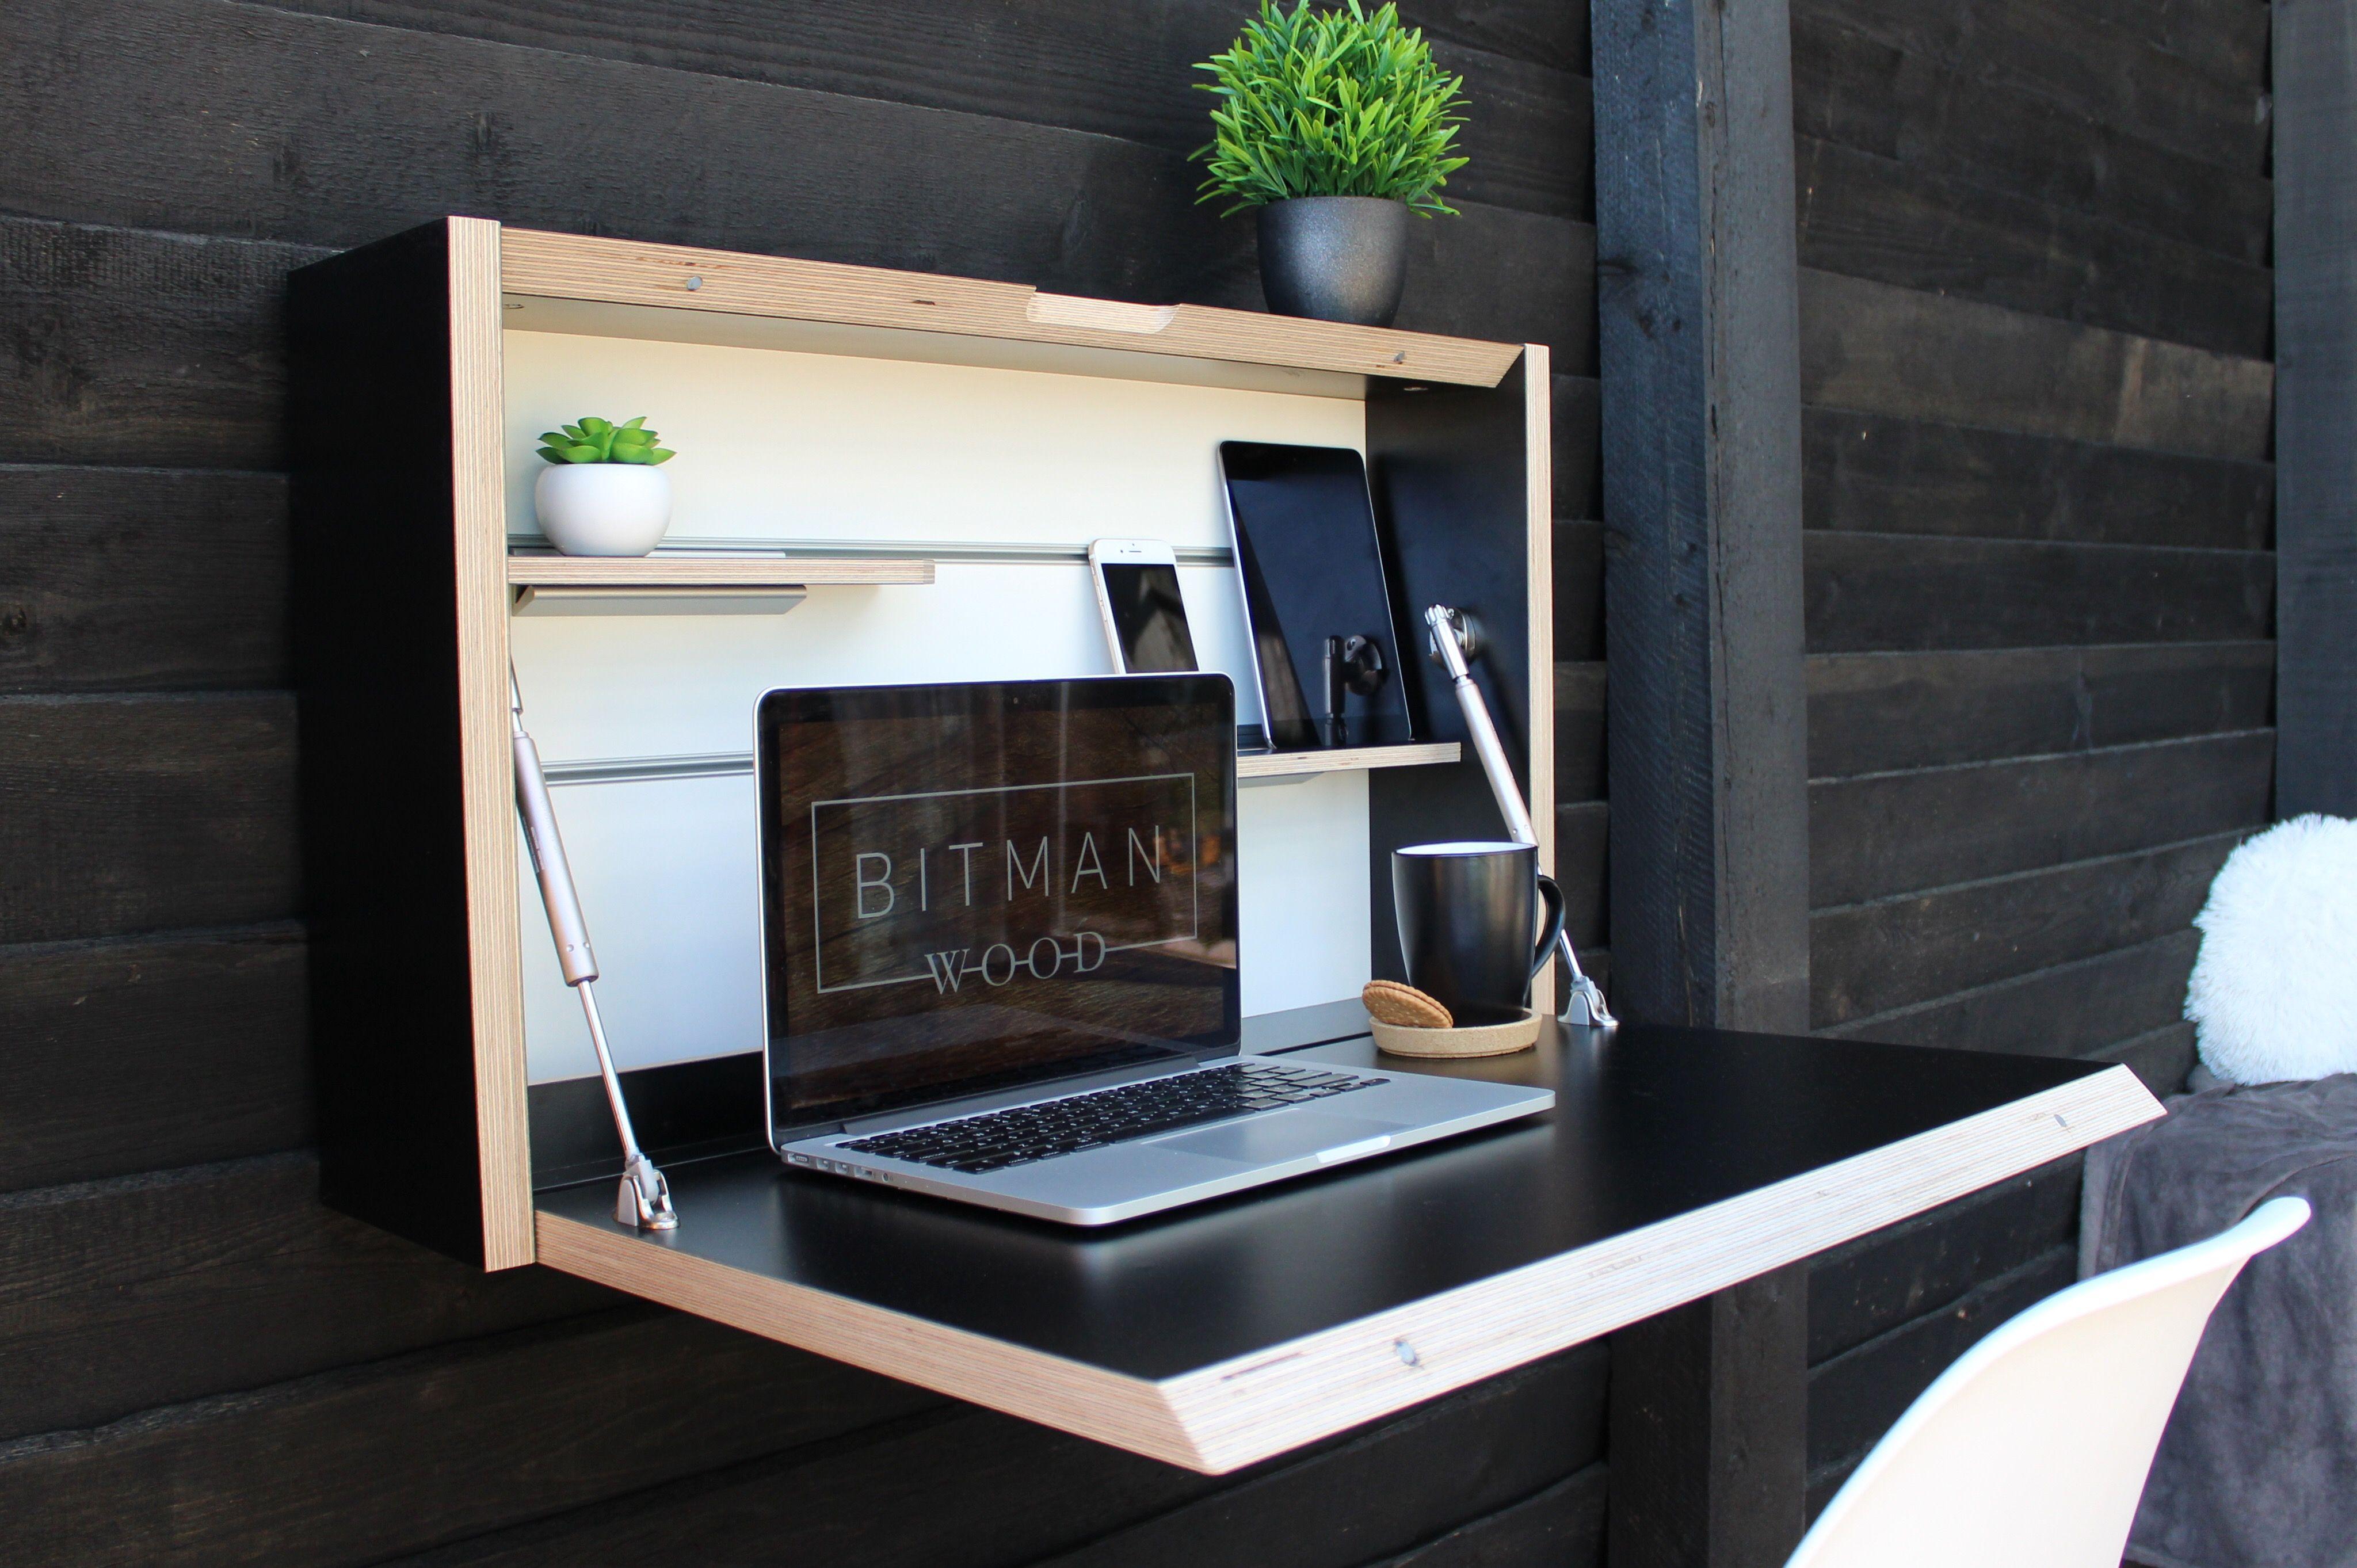 Home Office Desk Drop Down Desk Floating Desk Office Desk Etsy Space Saving Desk Folding Desk Drop Down Desk